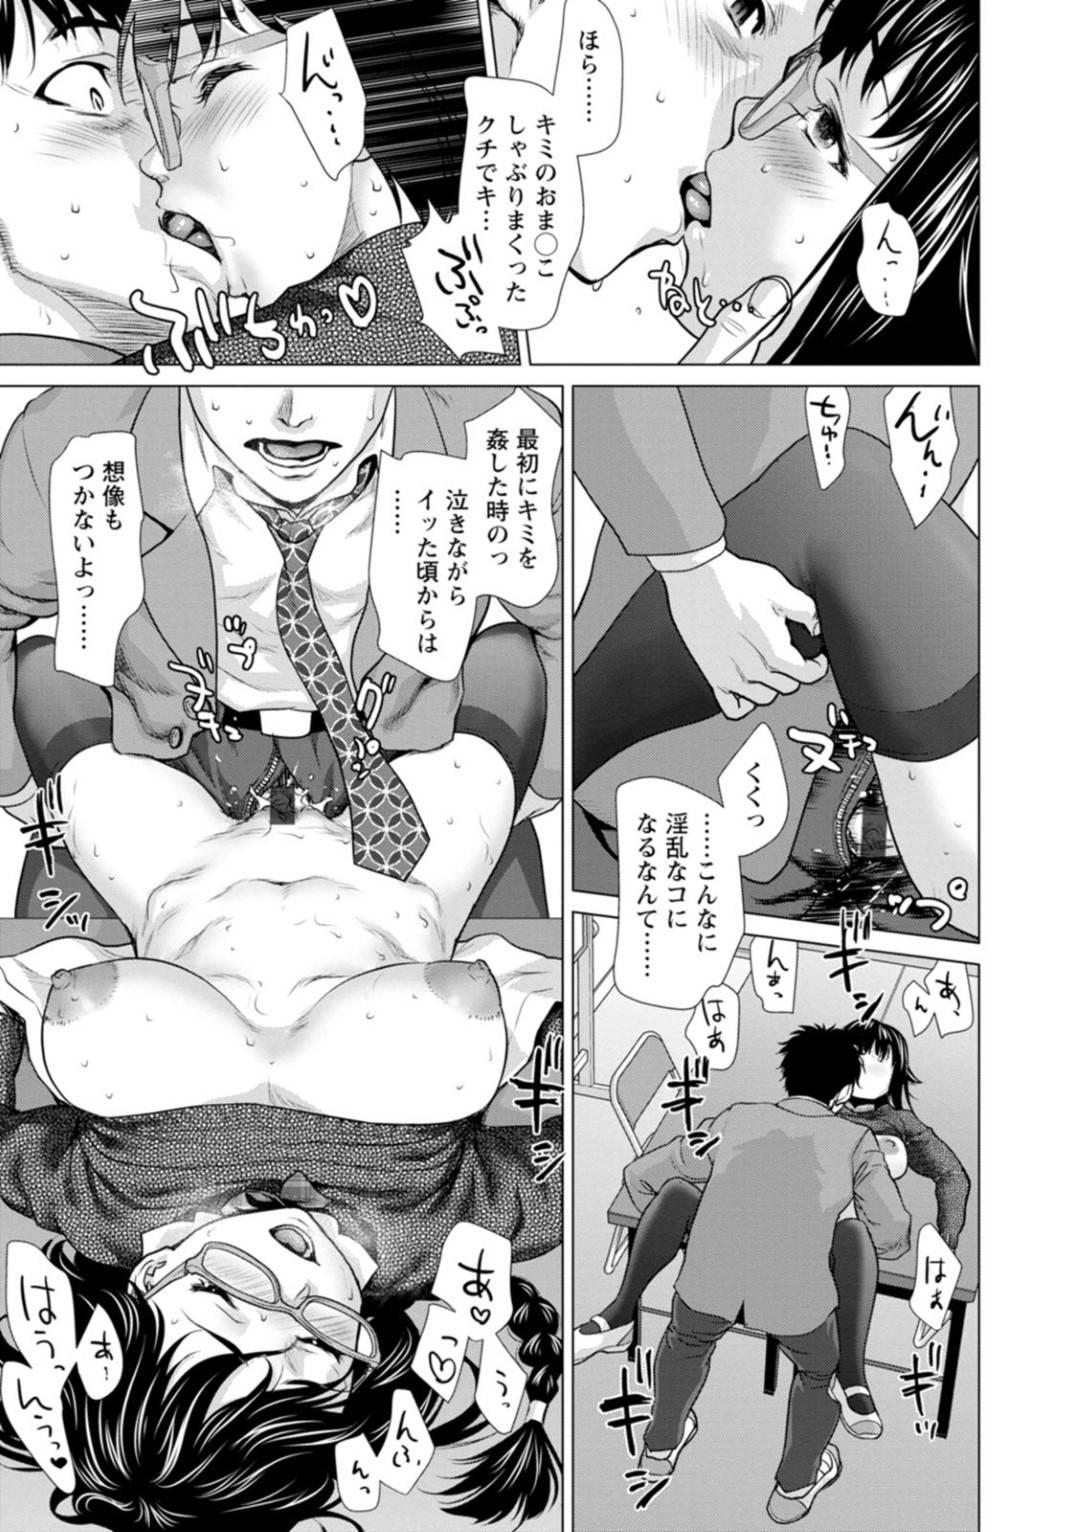 大人しい文芸部員の長澤…男は、長澤と言葉ではなく本を通じて心を通わせると、求め合う関係になった。部室でおっぱいやまんこを貪ると、窓から外に見せつけるように中出しセックス!【さいだー明:性愛文芸部】